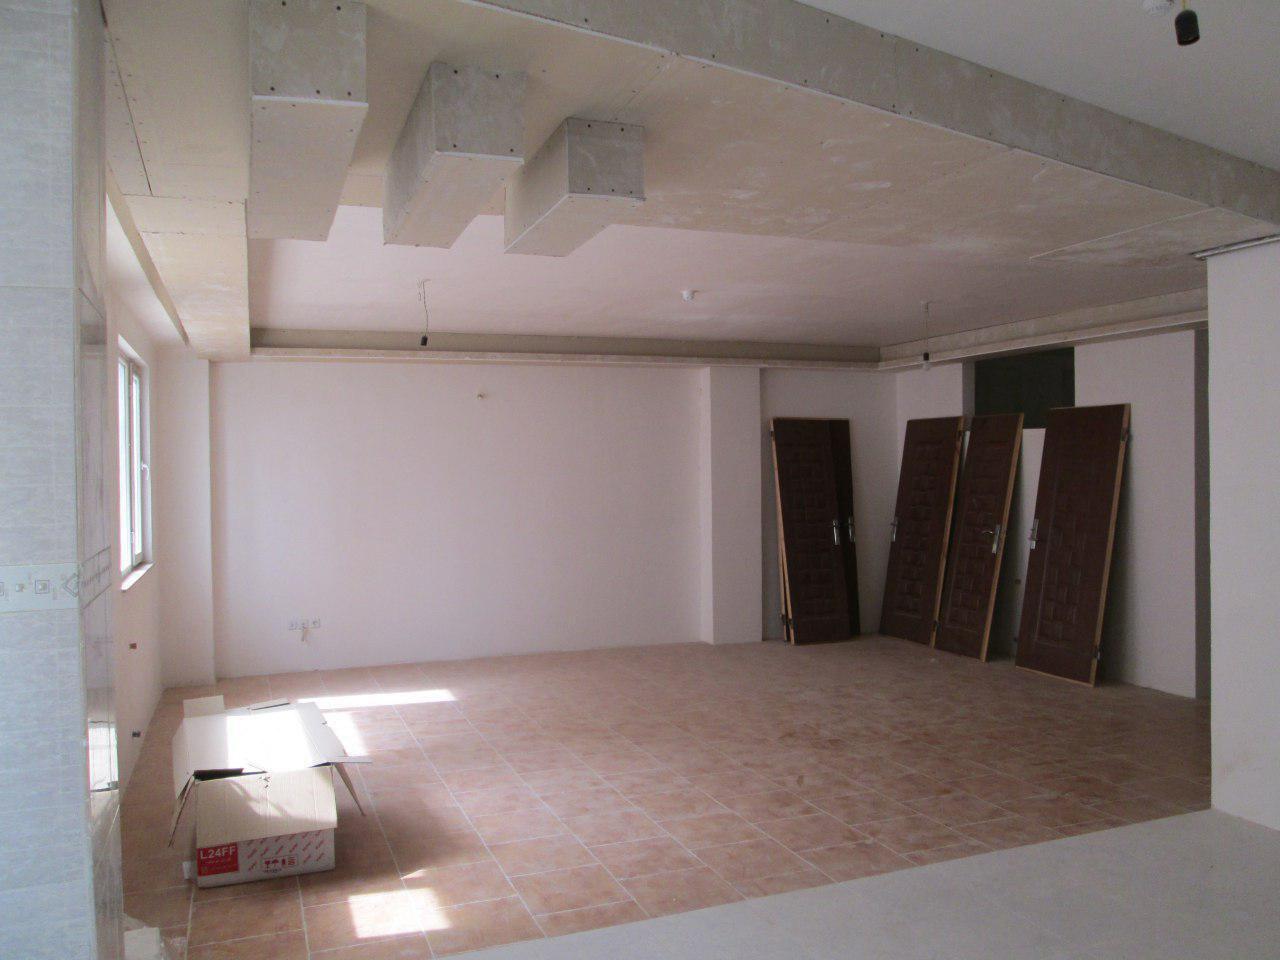 فروش طبقه دوم از اپارتمان 6 طبقه در شهرک نادری